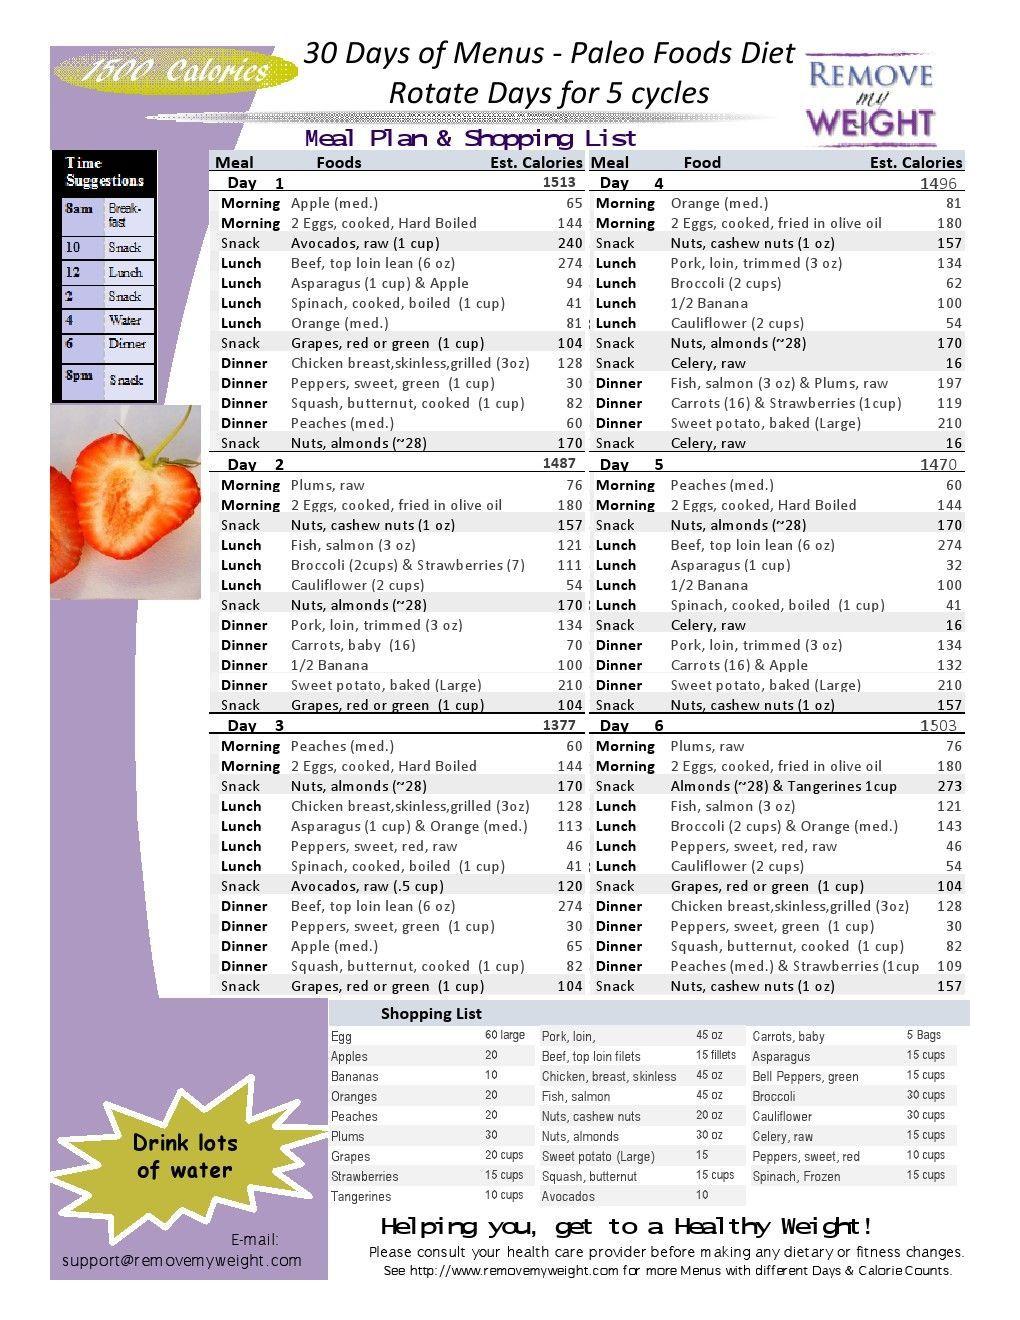 1500 Calorie Diet Paleo Foods 30 Day Plan Whatispaleo Paleo Diet Meal Plan 1800 Calorie Meal Plan Paleo Diet Menu